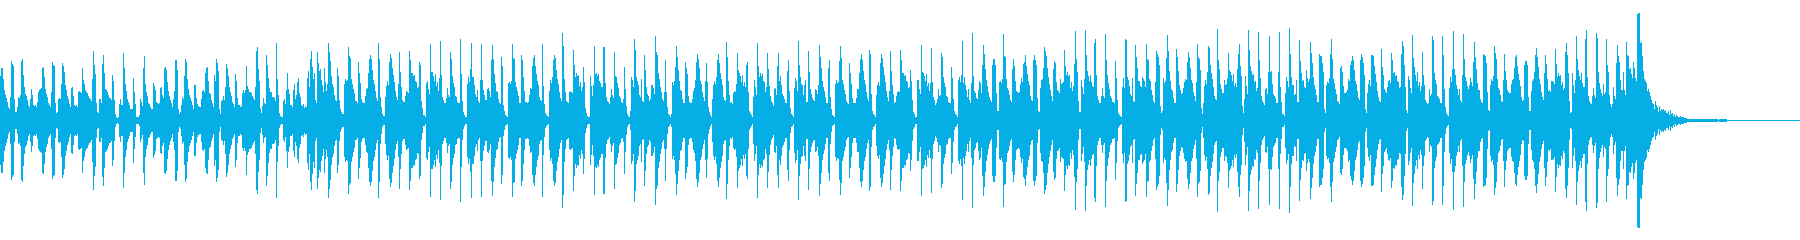 口笛が印象的なハワイアンの再生済みの波形